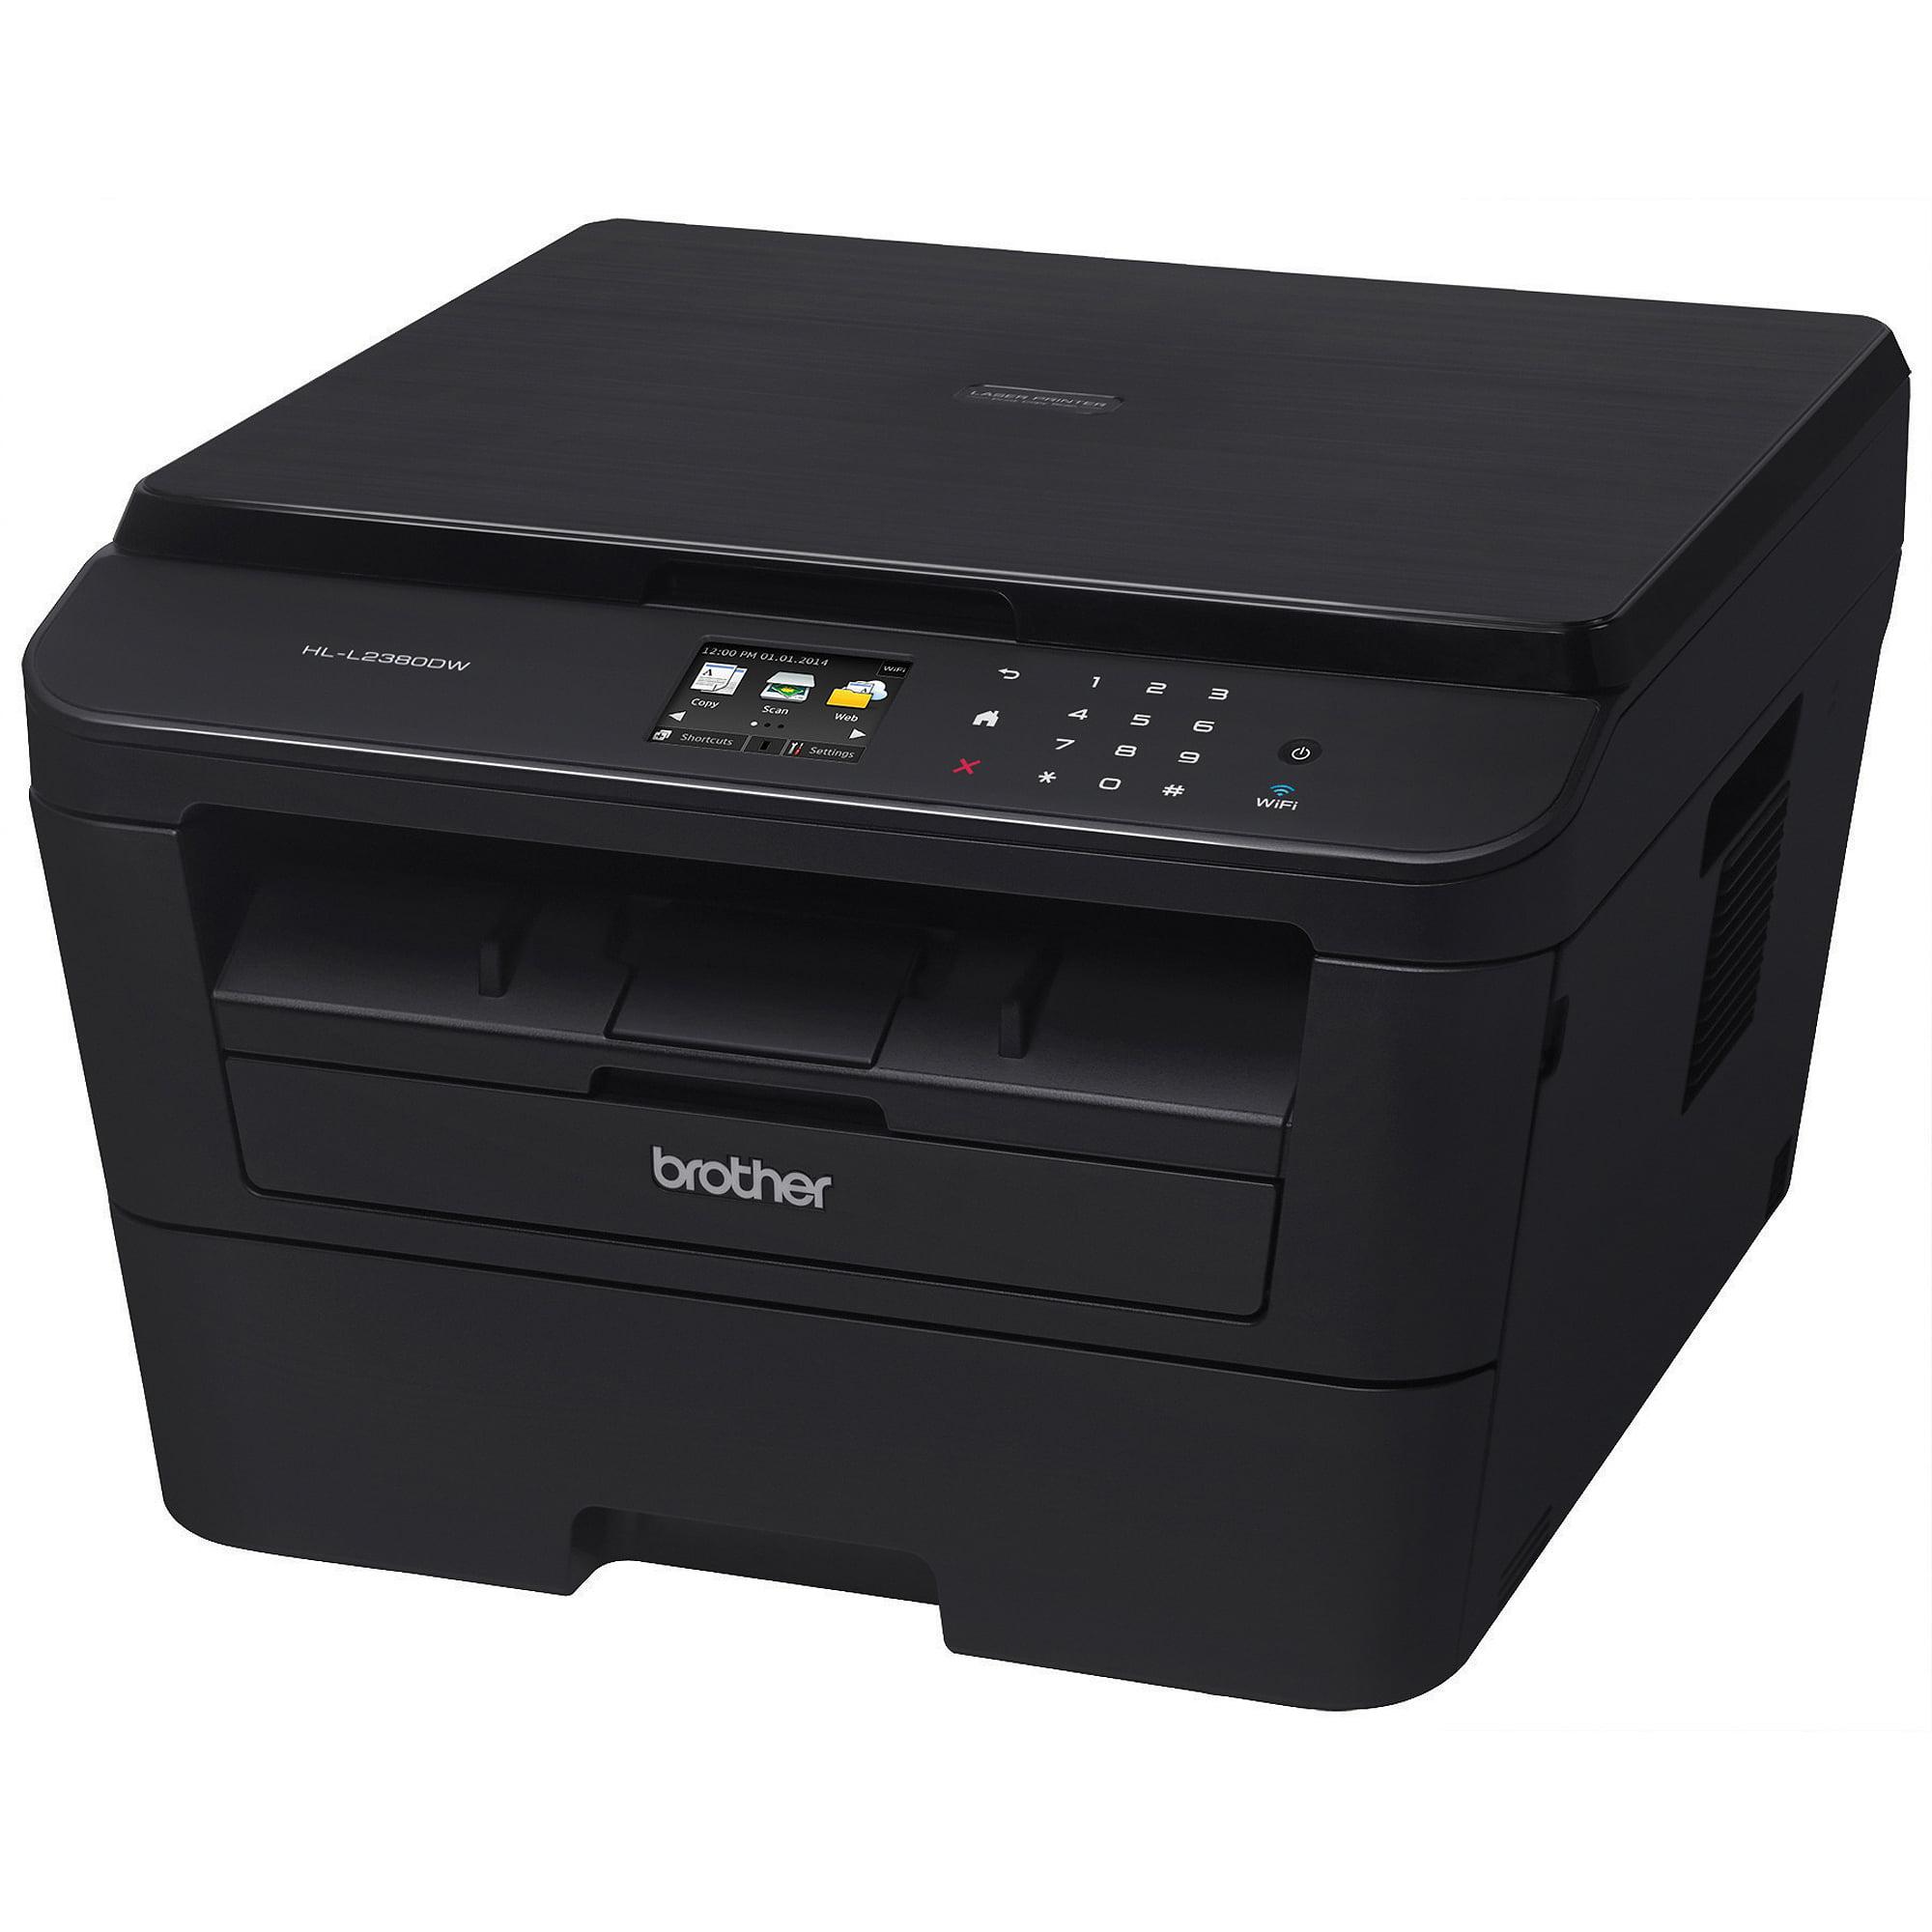 Brother HL-L2380DW Laser Multi-Function Printer/Copier/Scanner